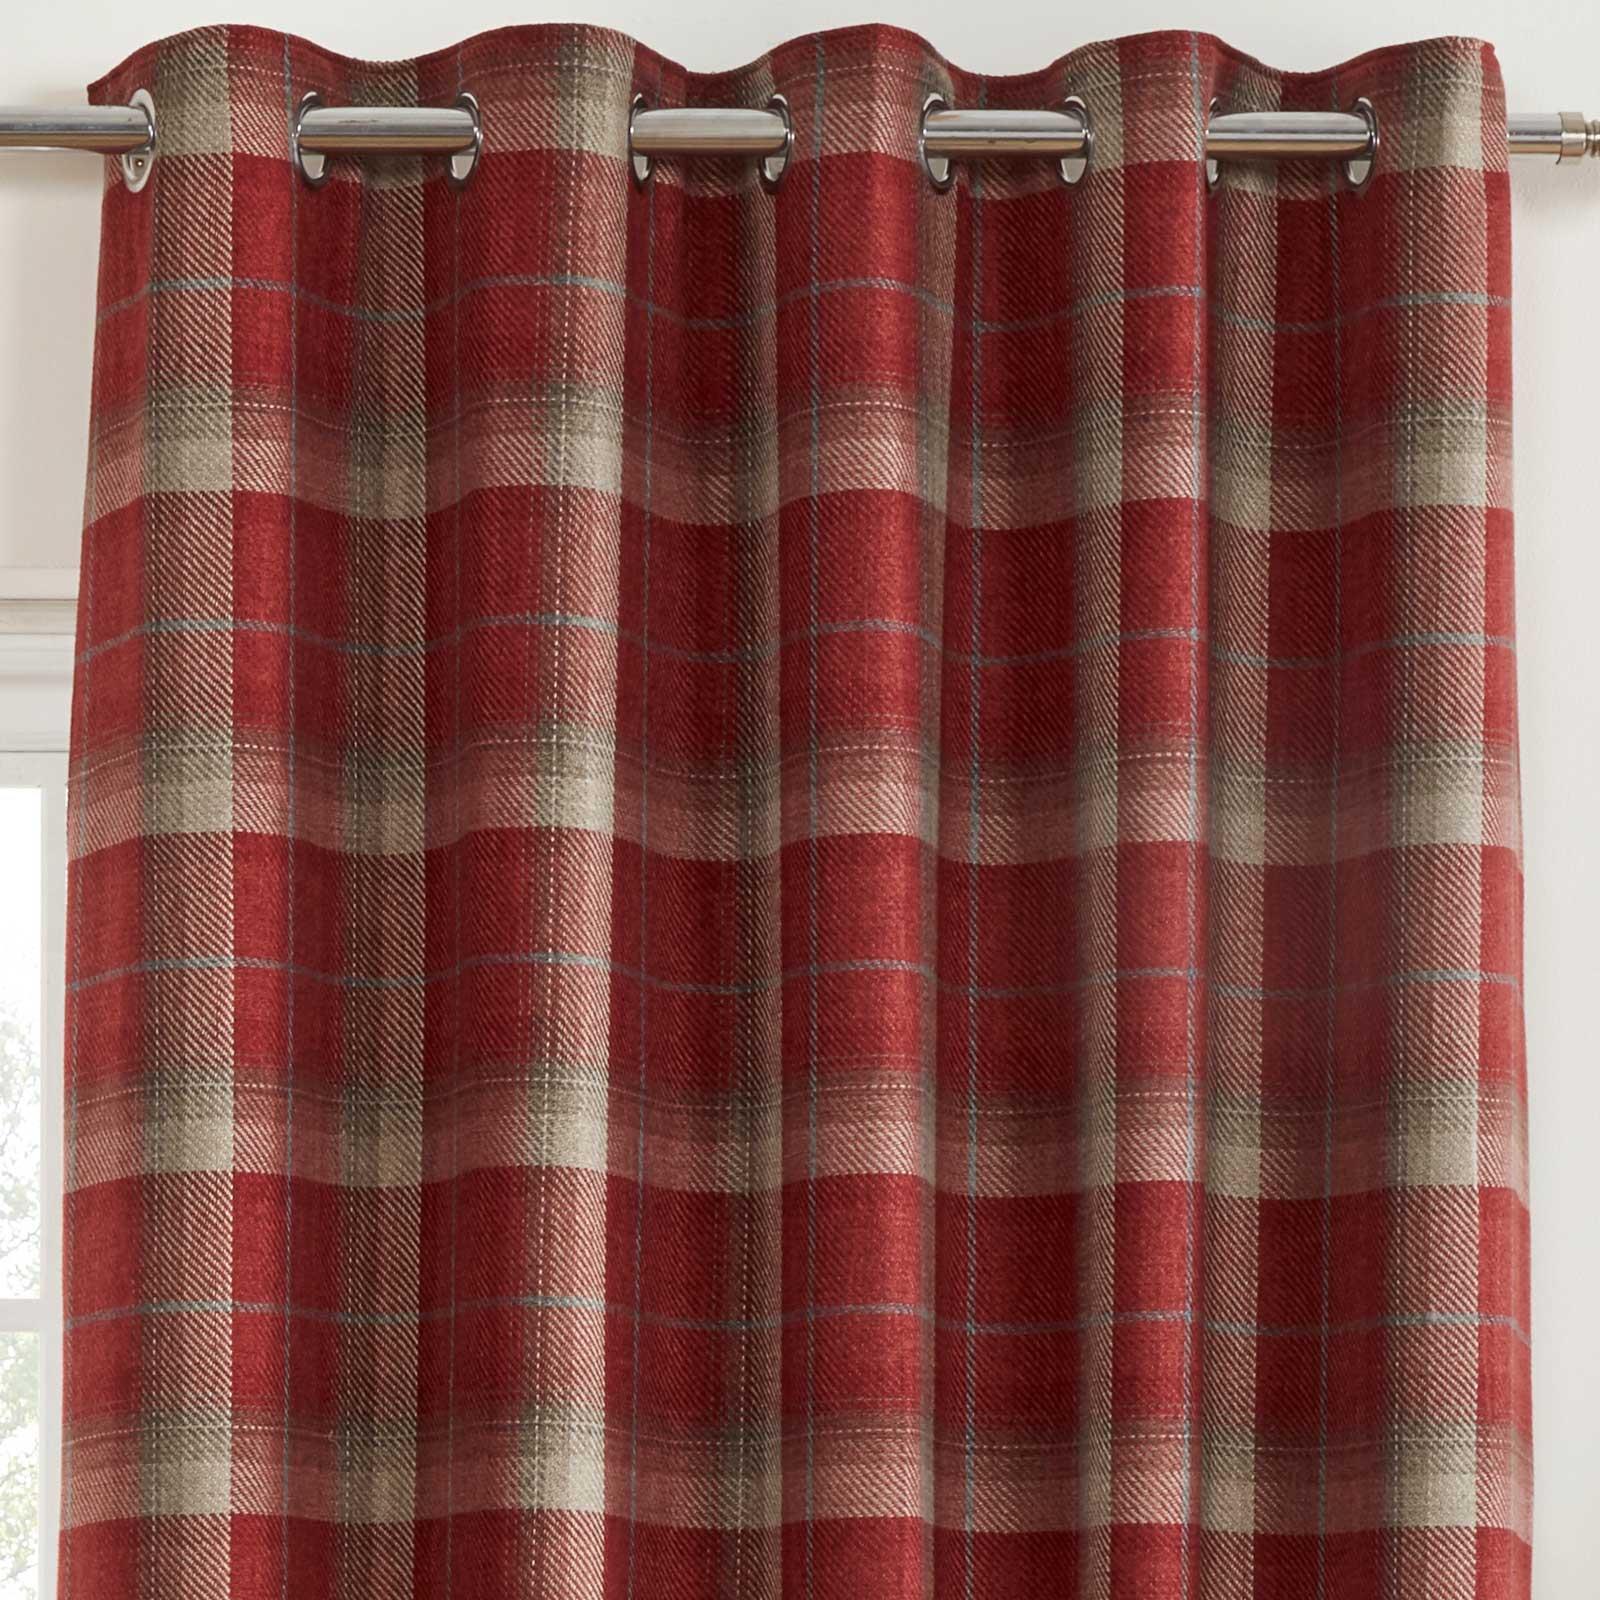 Cortinas-DE-ORIFICIOS-Rojo-Blackout-Tartan-Check-Ready-Made-acogedor-Anillo-Superior-Cortina-Pares miniatura 15